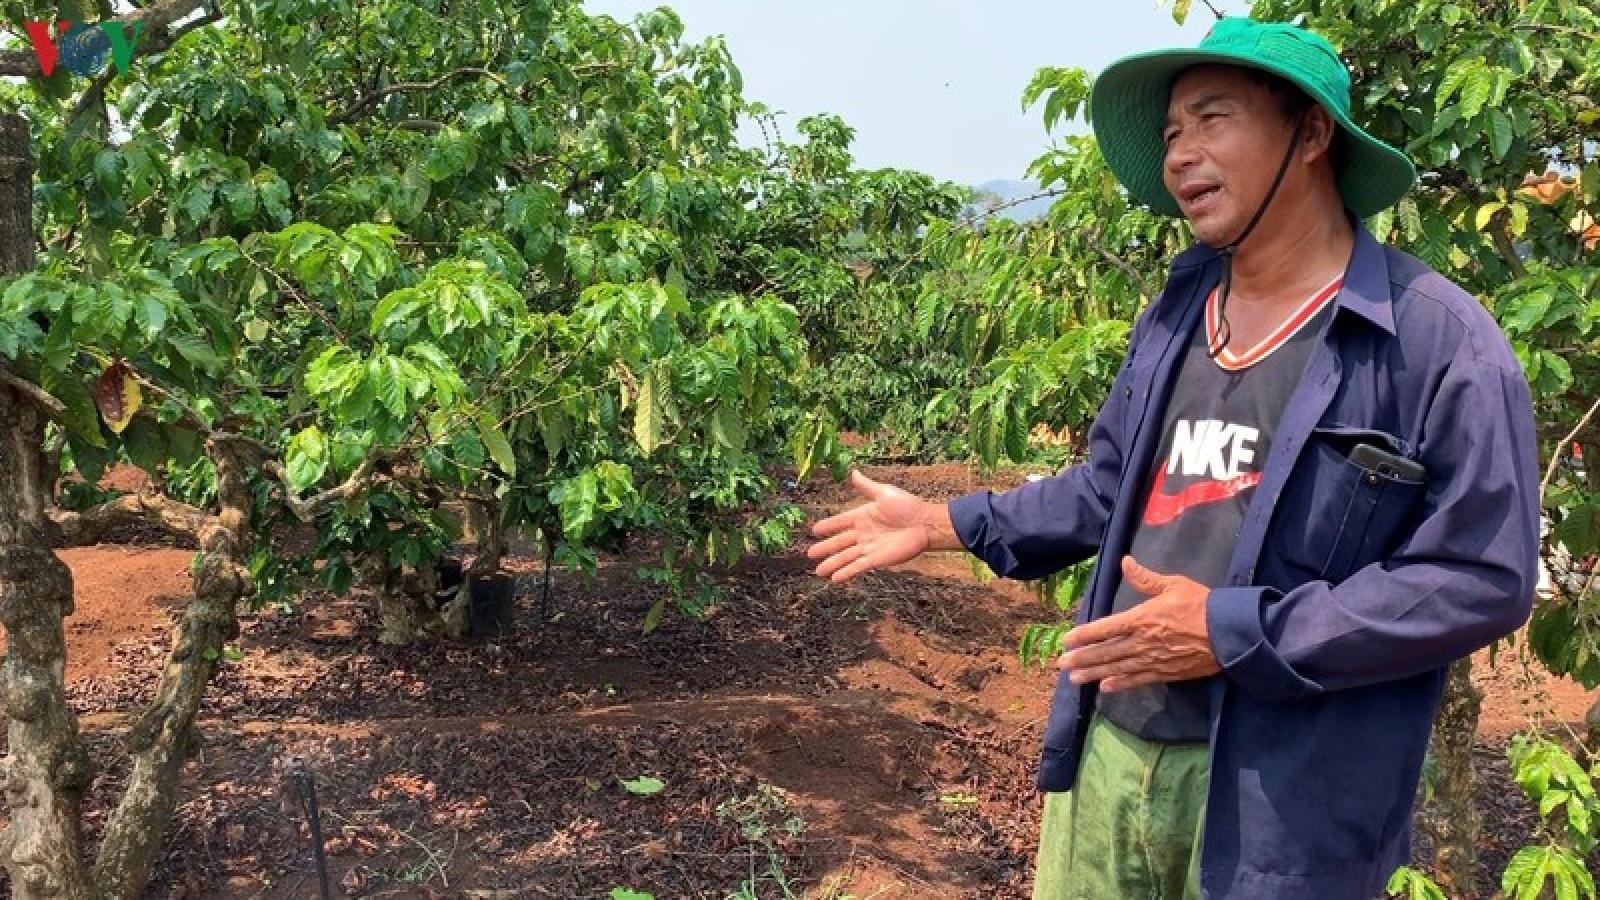 Giải bài toán ứng phó khô hạn cho 2 triệu ha cây trồng ở Tây Nguyên